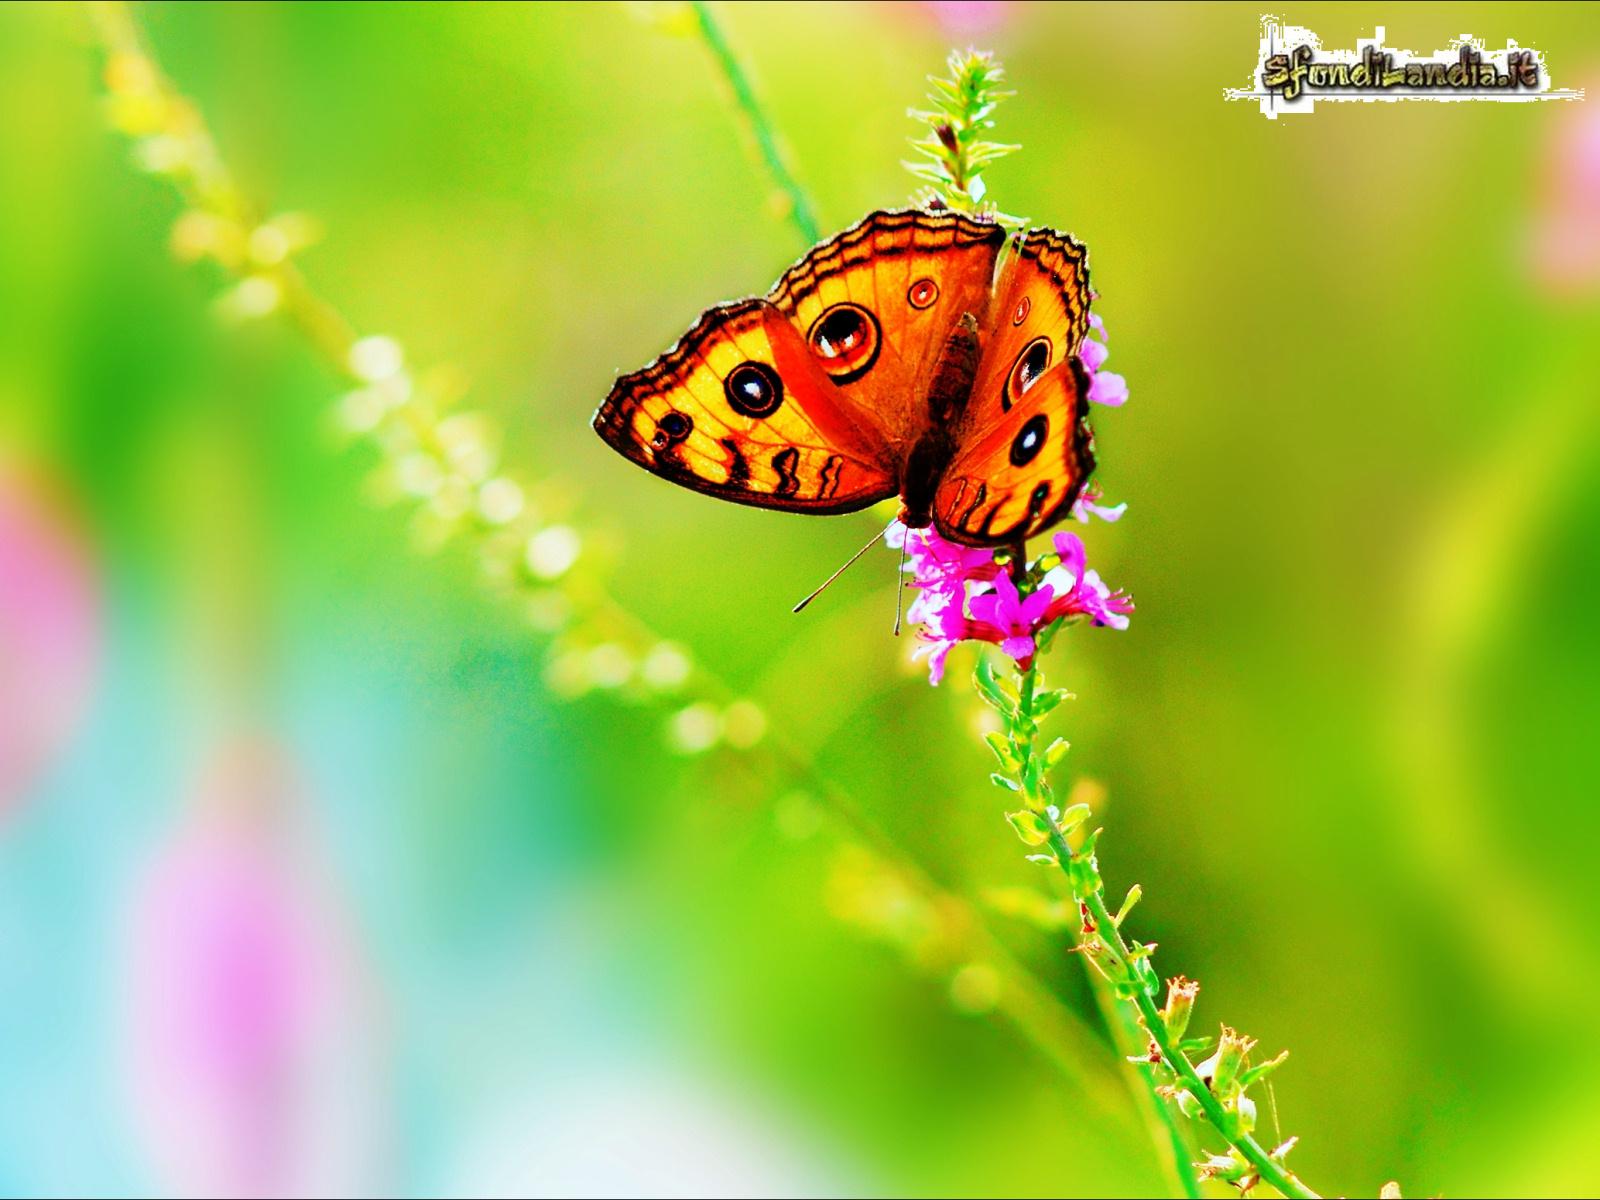 Eccezionale SfondiLandia.it | Sfondo gratis di Farfalla colorata per desktop  EJ19